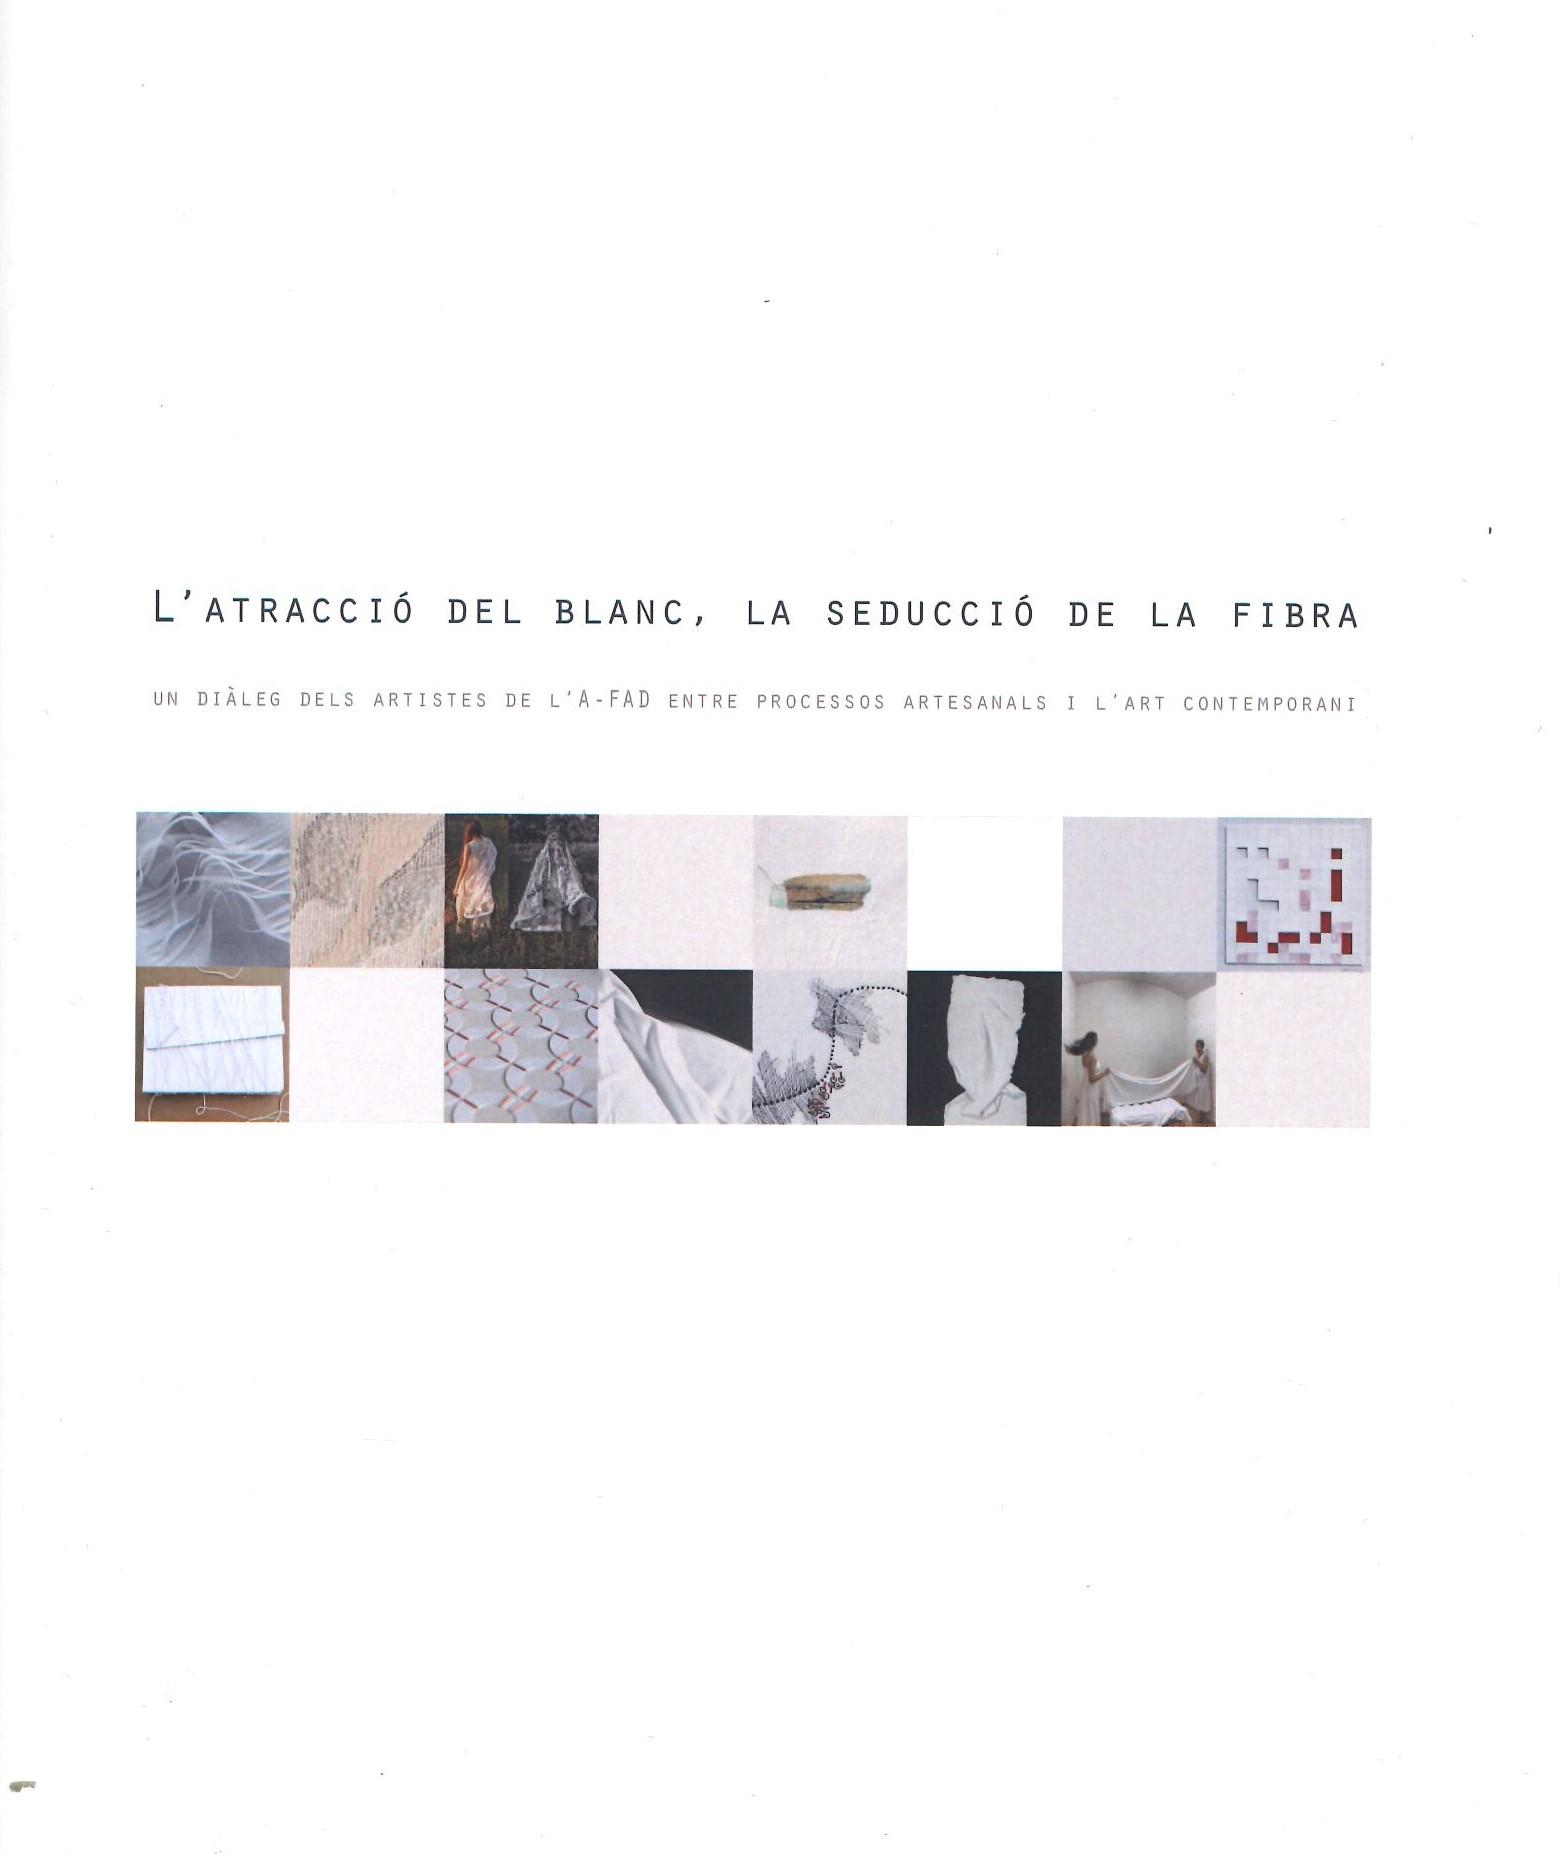 atraccio_blanc.jpg